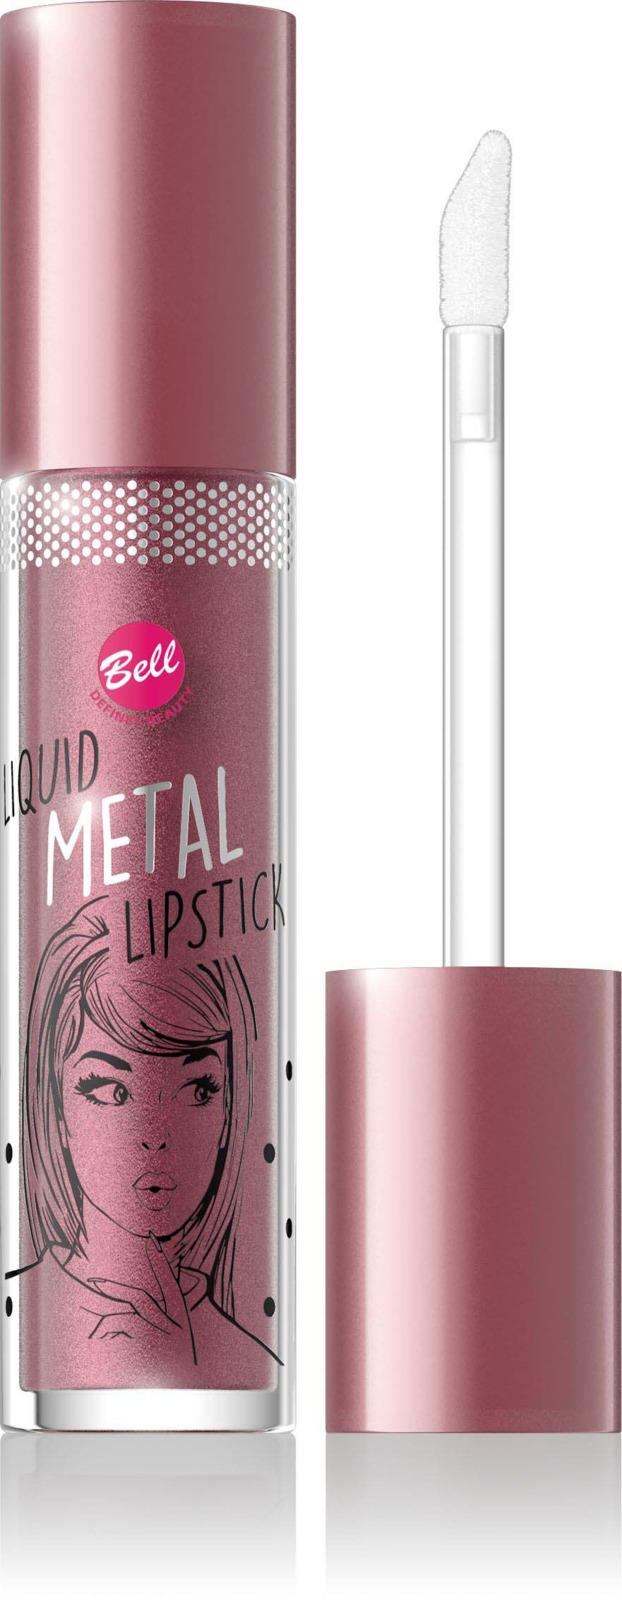 Помада жидкая с эффектом металлик Bell Liquid Metal Lipstick, тон №03BiLllm003Ультрамодный тренд – жидкая губная помада с изысканным металлическим финишем и с мерцающими частицами. Кремовая текстура равномерно ложится на губы и придает губам яркое сияние с металлическим отливом. Содержание увлажняющих веществ дарит губам мягкость для абсолютного комфорта.